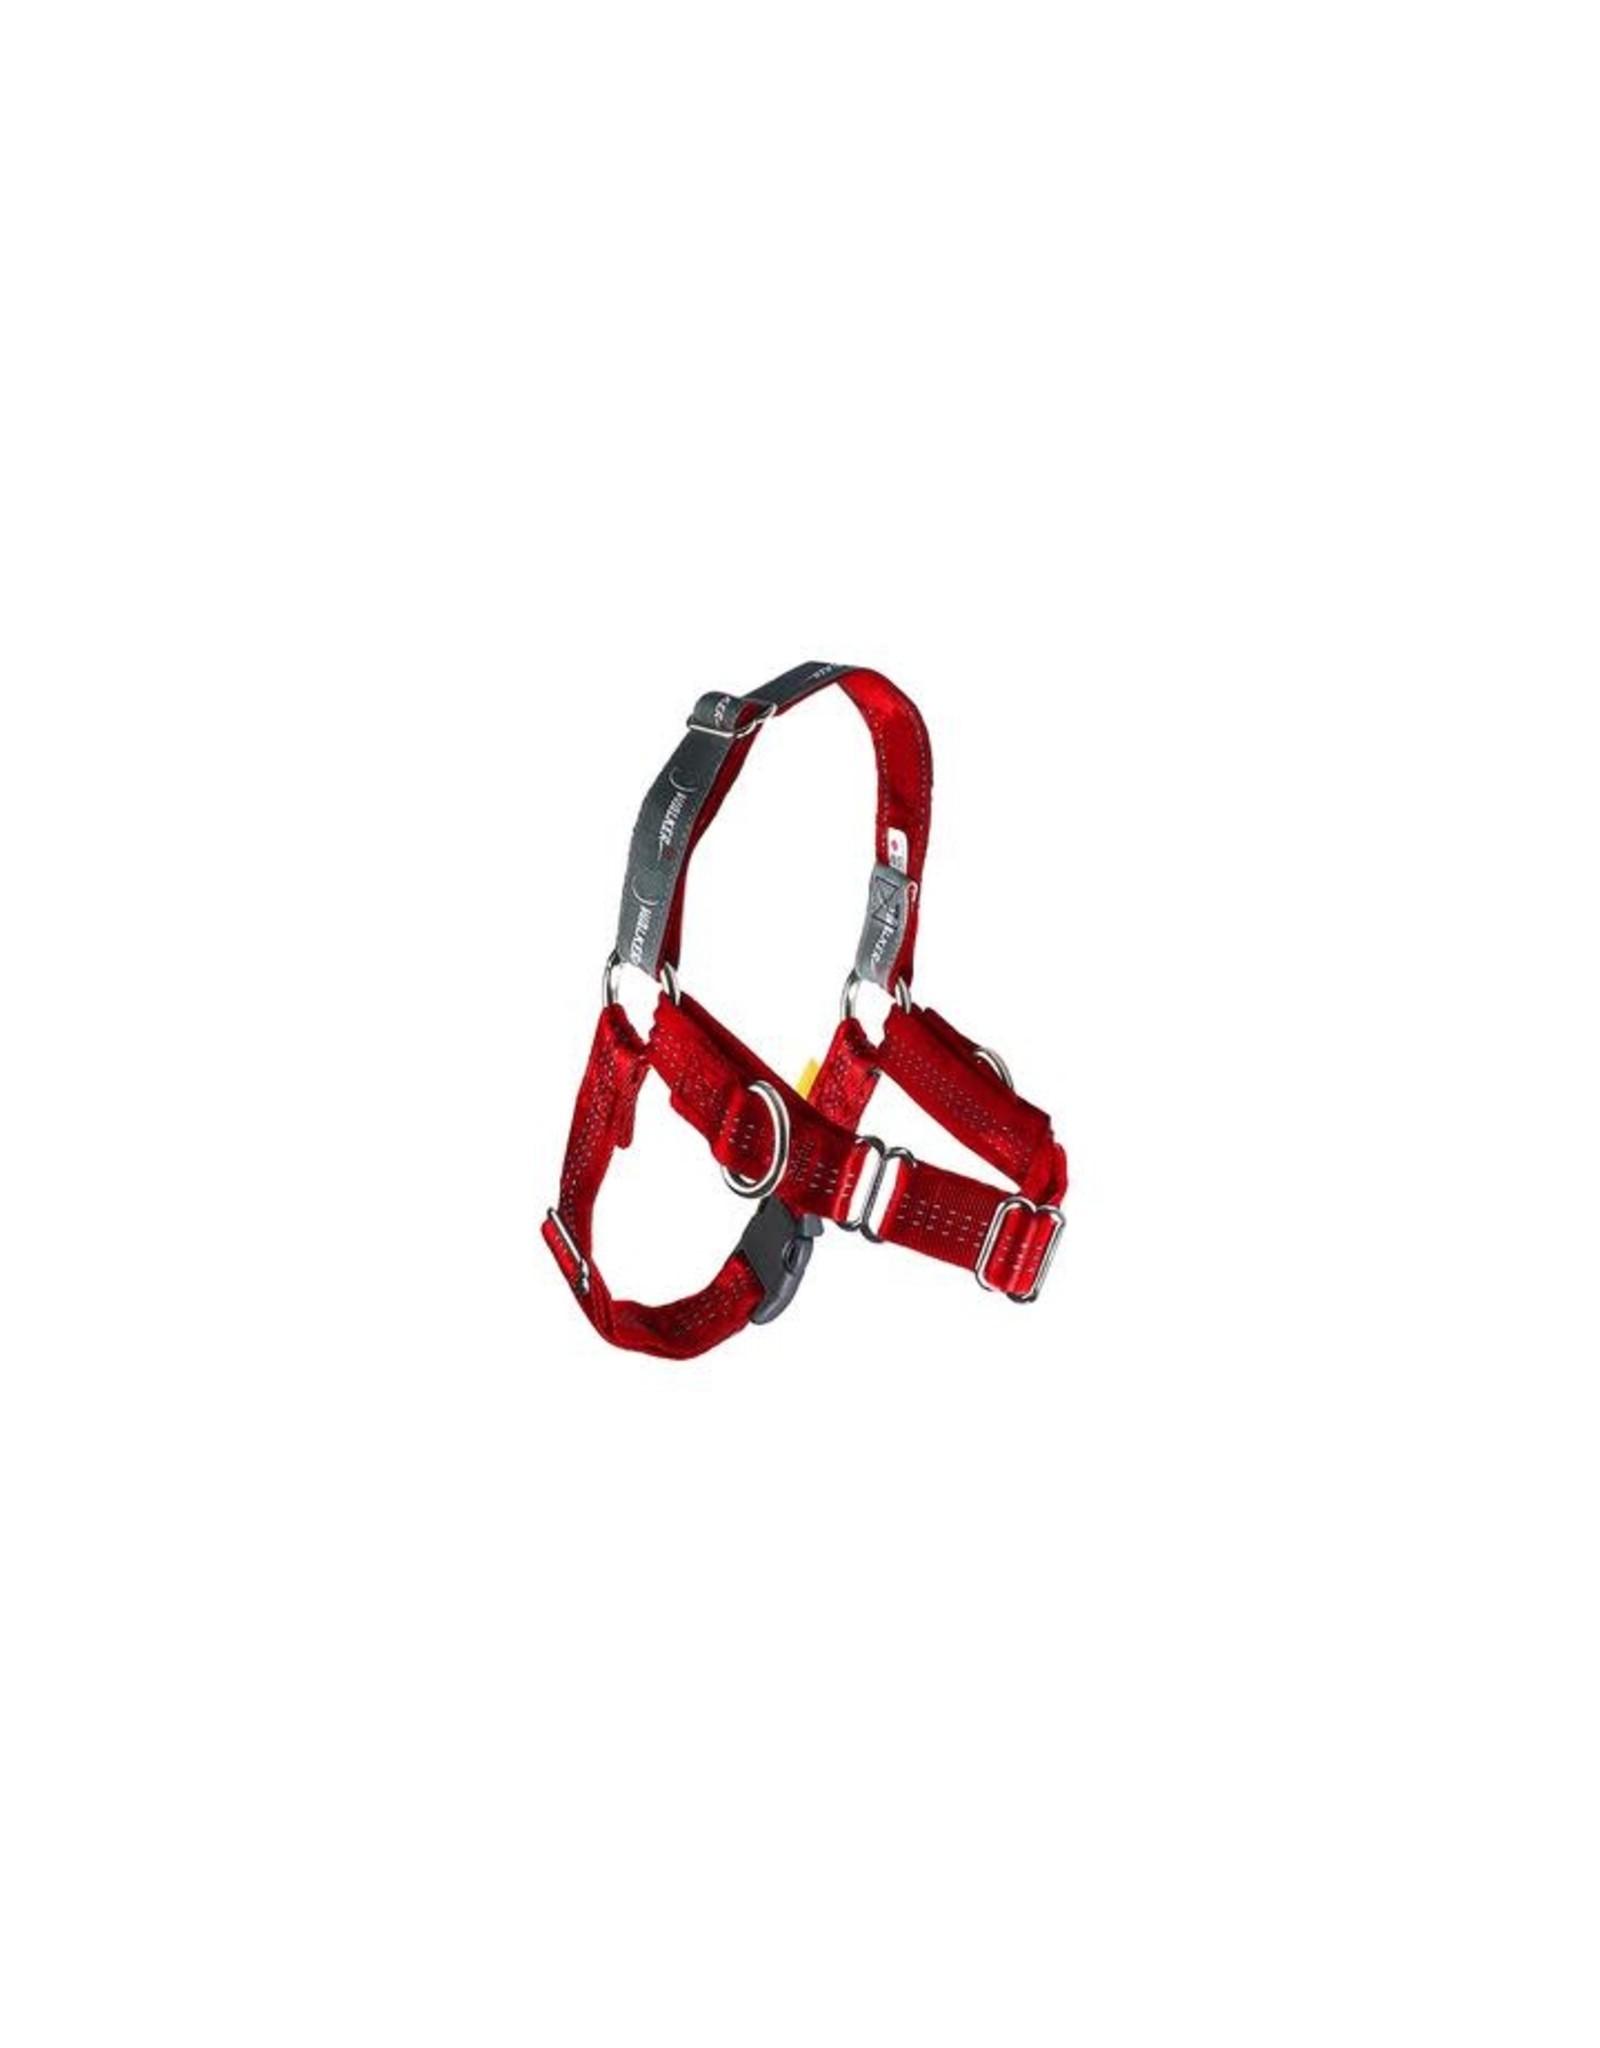 JWalker JWalker Harness - Red - S/M